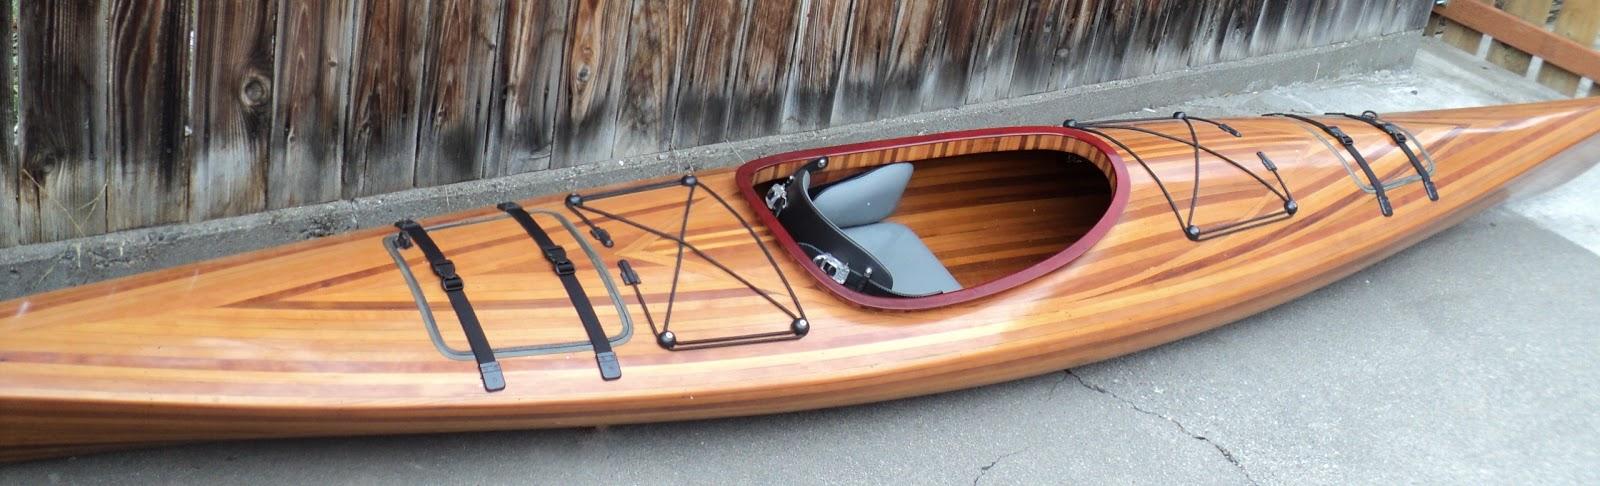 Cedar strip kayaks for sale